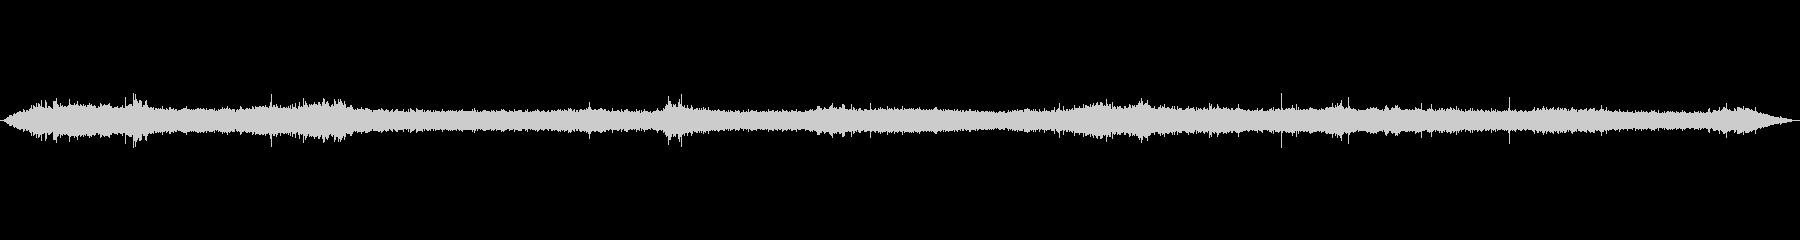 環境音-風 木枯らし 秋~冬の雰囲気の未再生の波形